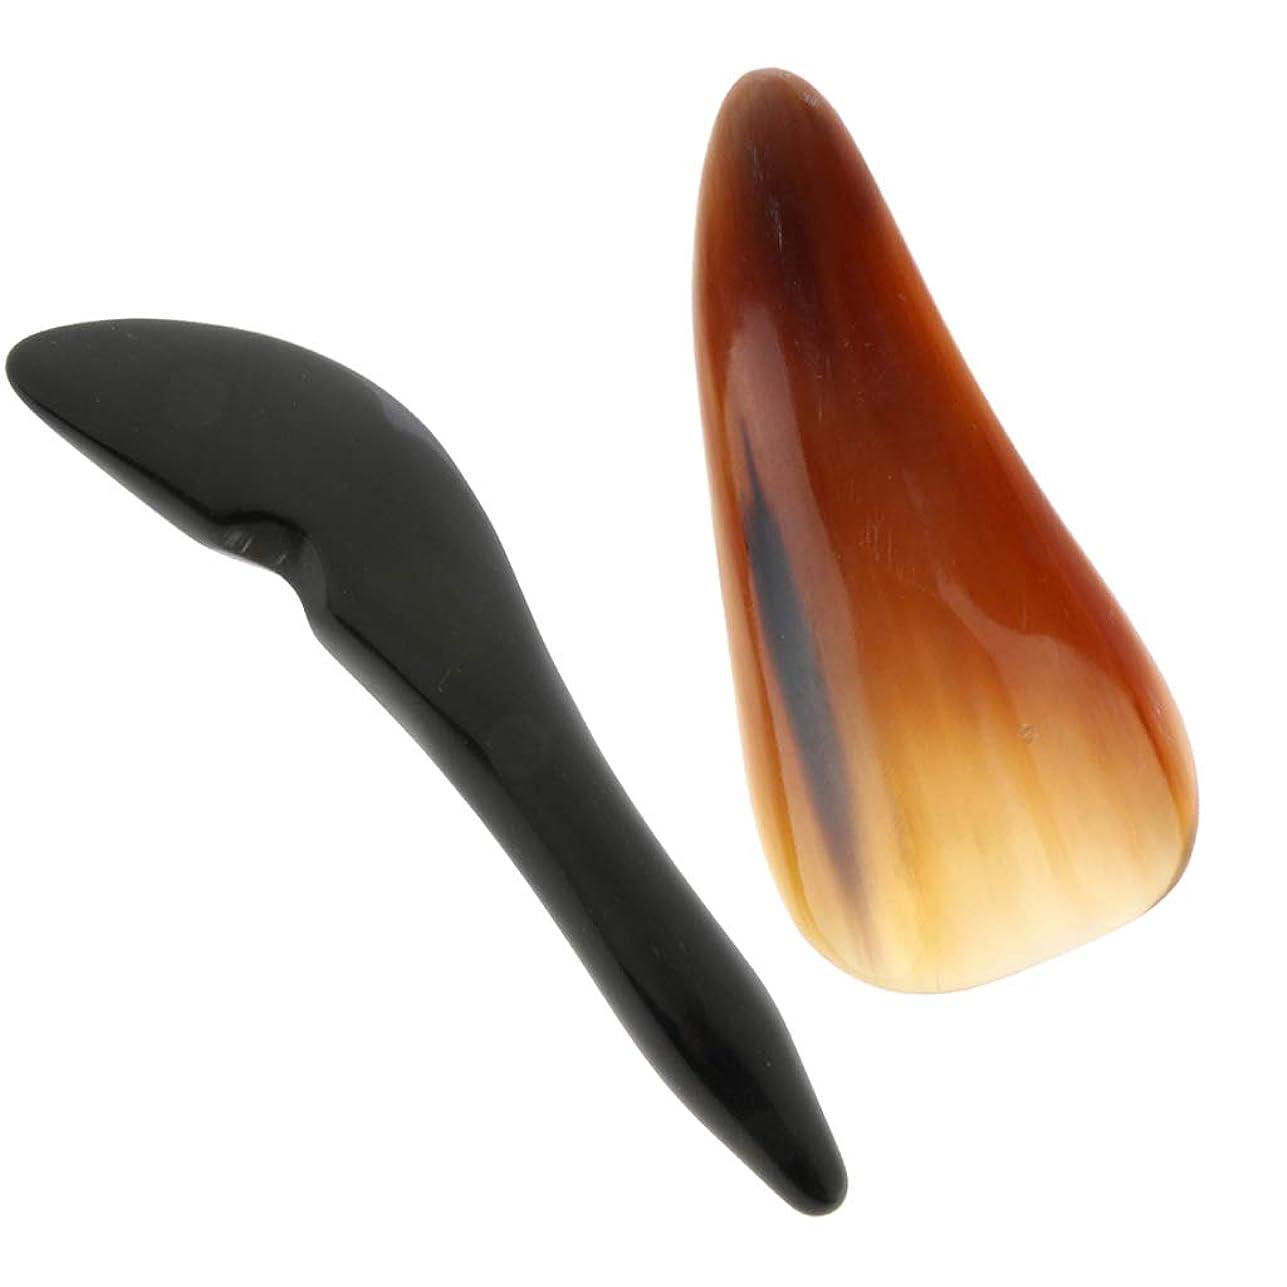 D DOLITY マッサージツール グアシャ スクレーパー ボード スクレーピング 使いやすい 2個入